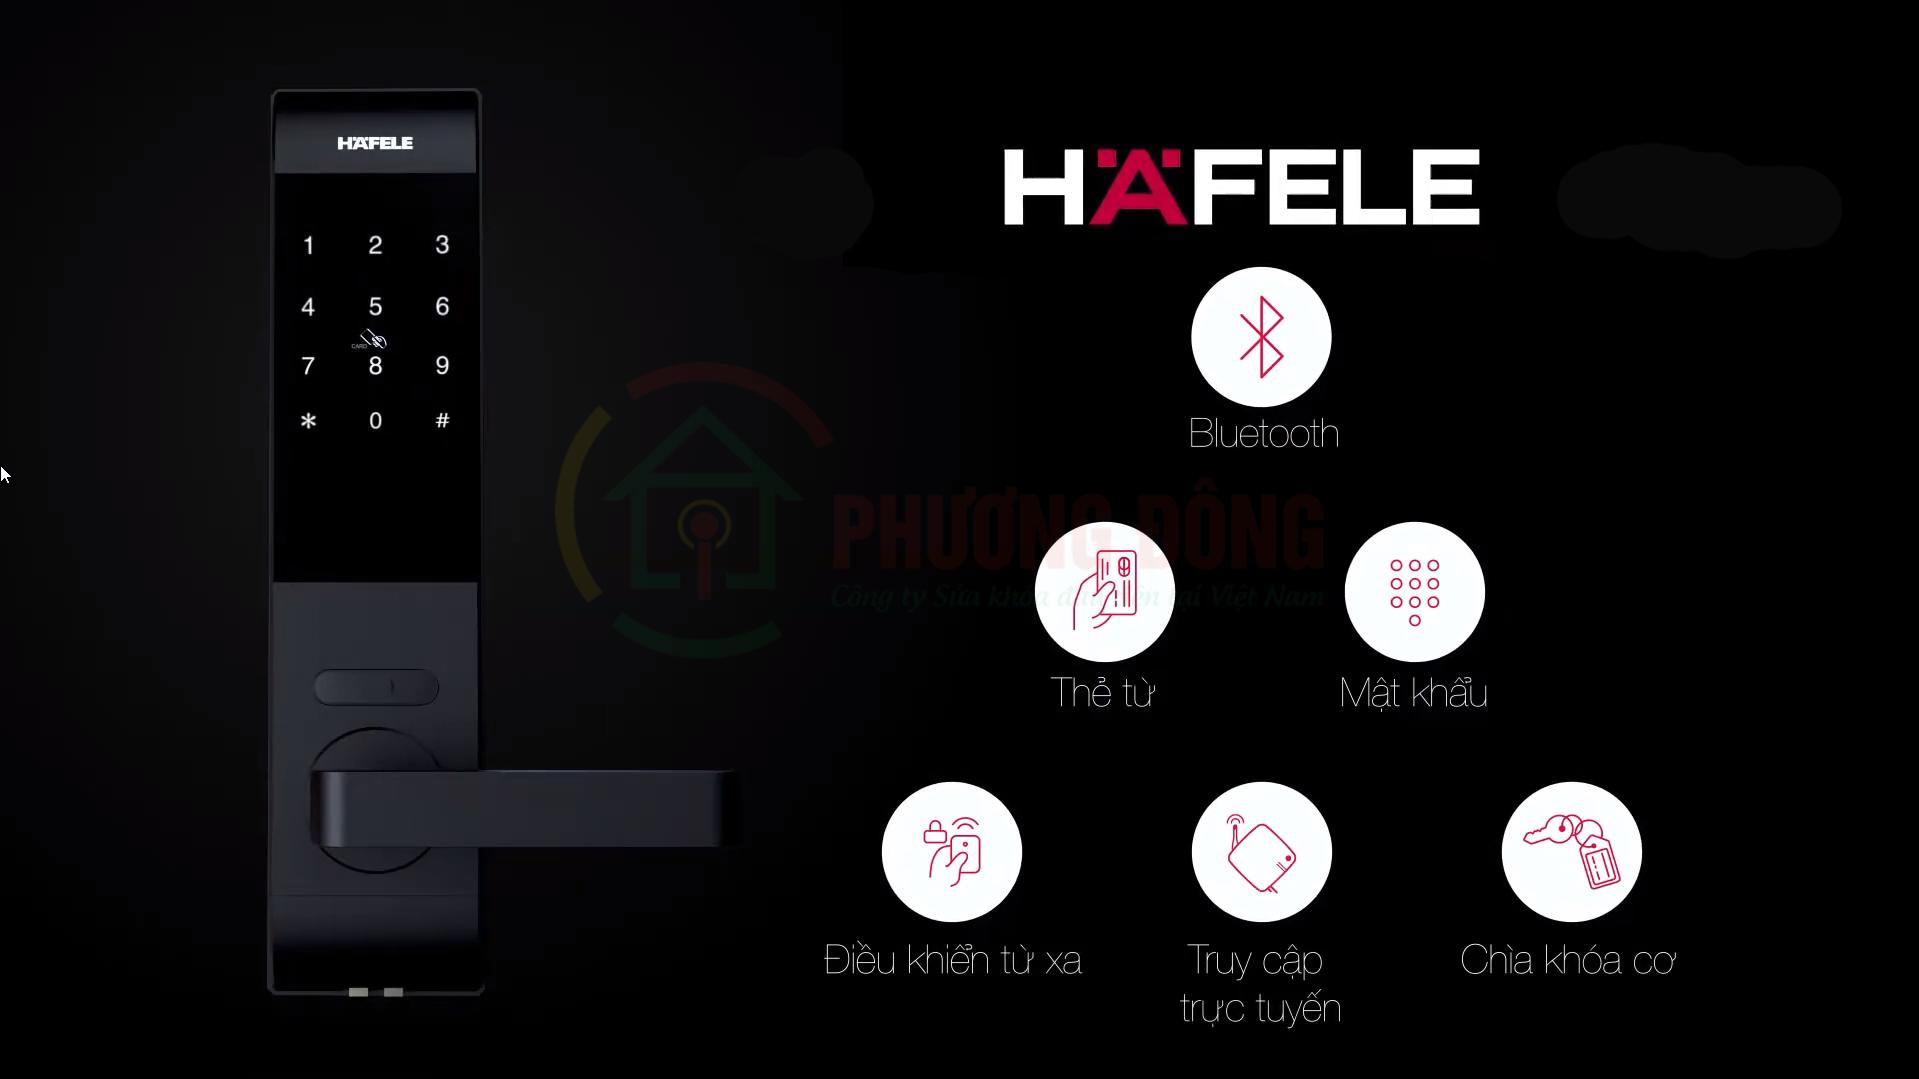 Khóa thông minh HAFELE DL7900